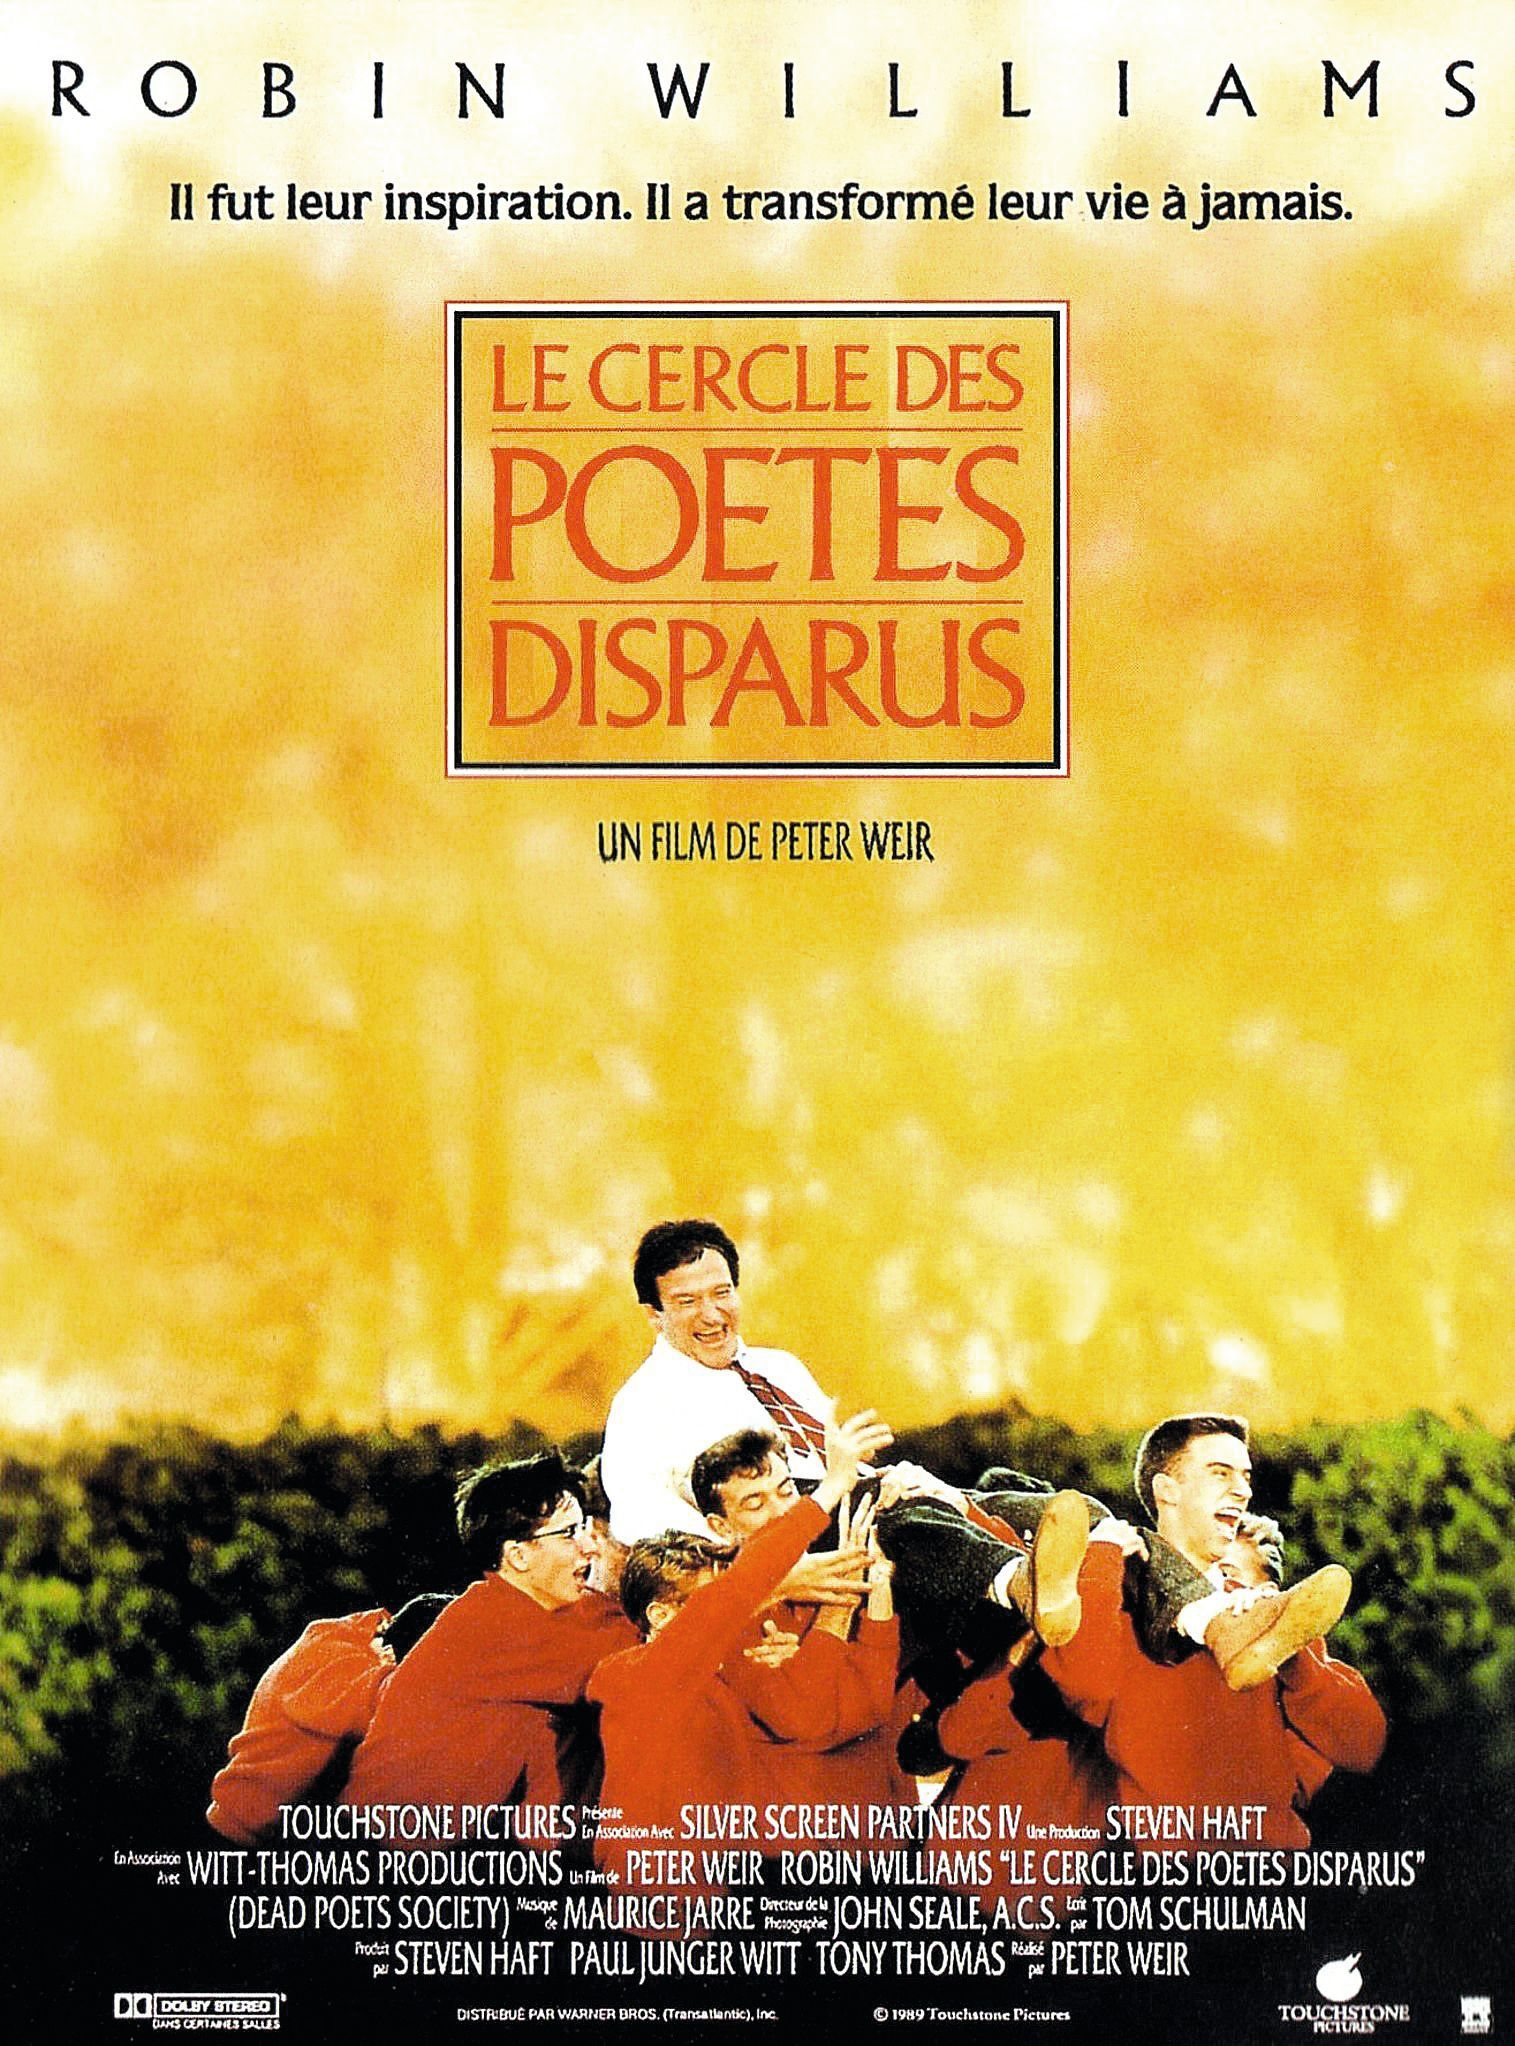 Le cercle des poètes disparus, Peter Weir, 1990.